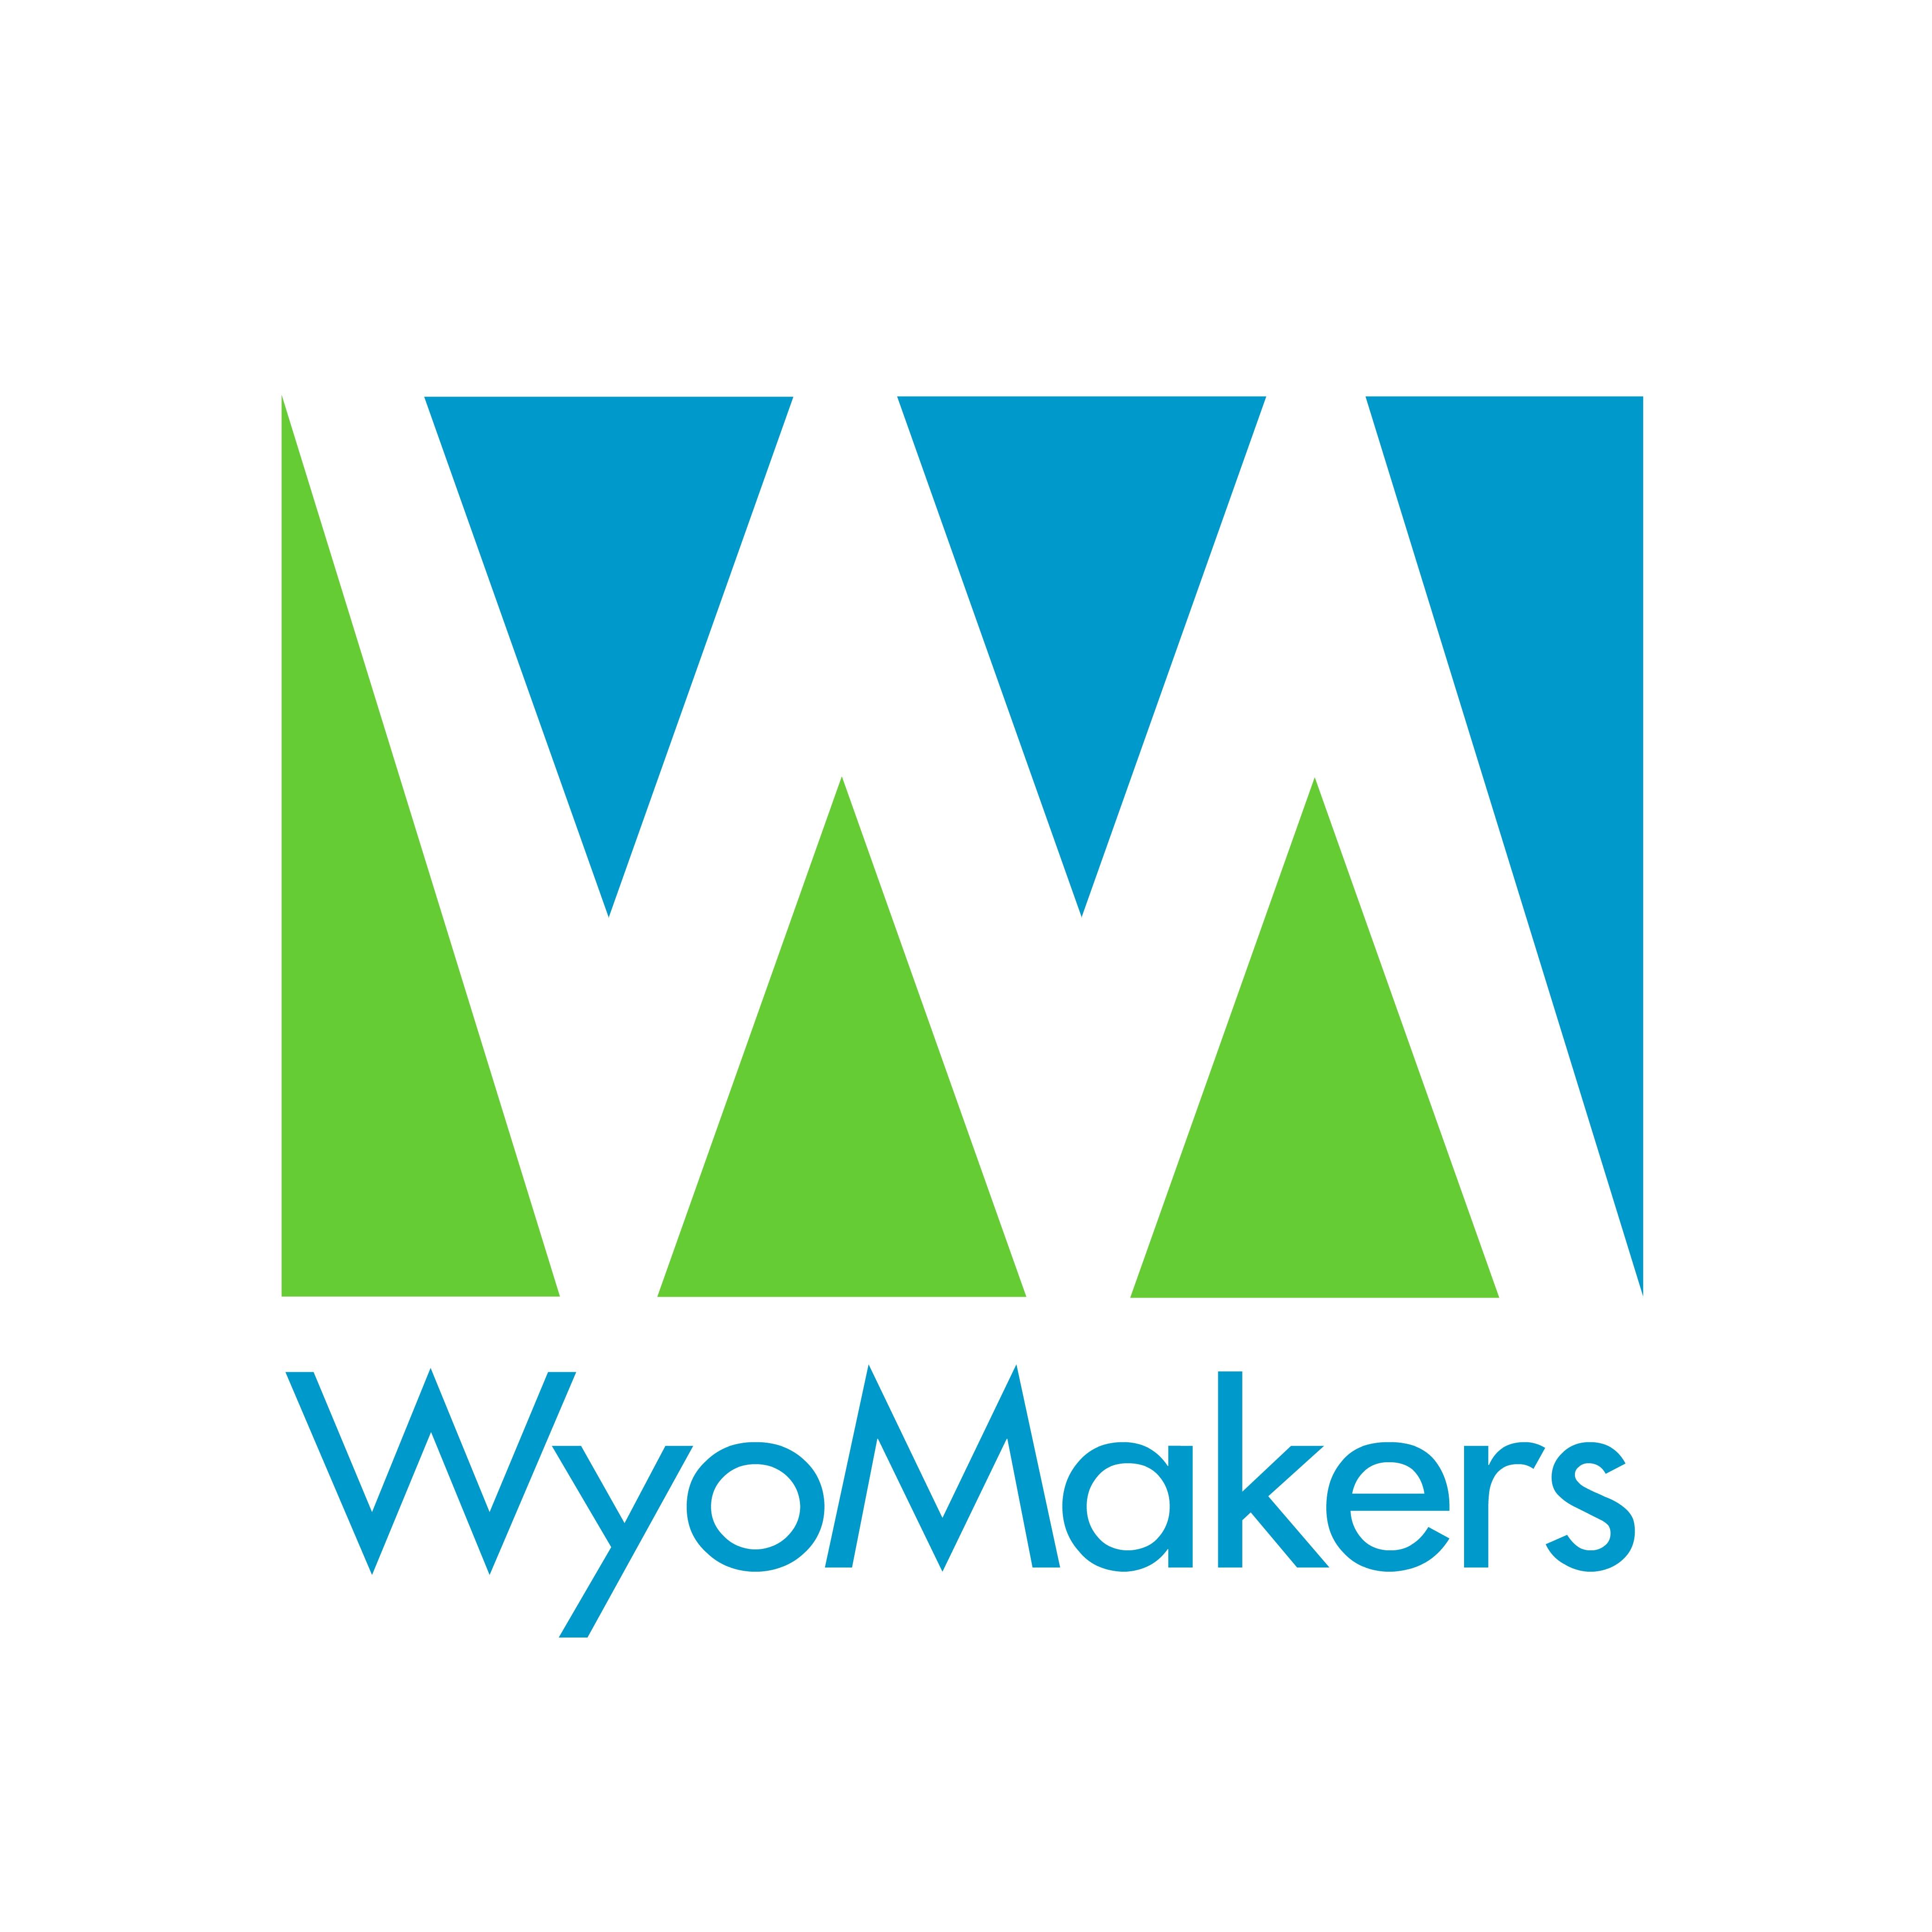 WyoMakers